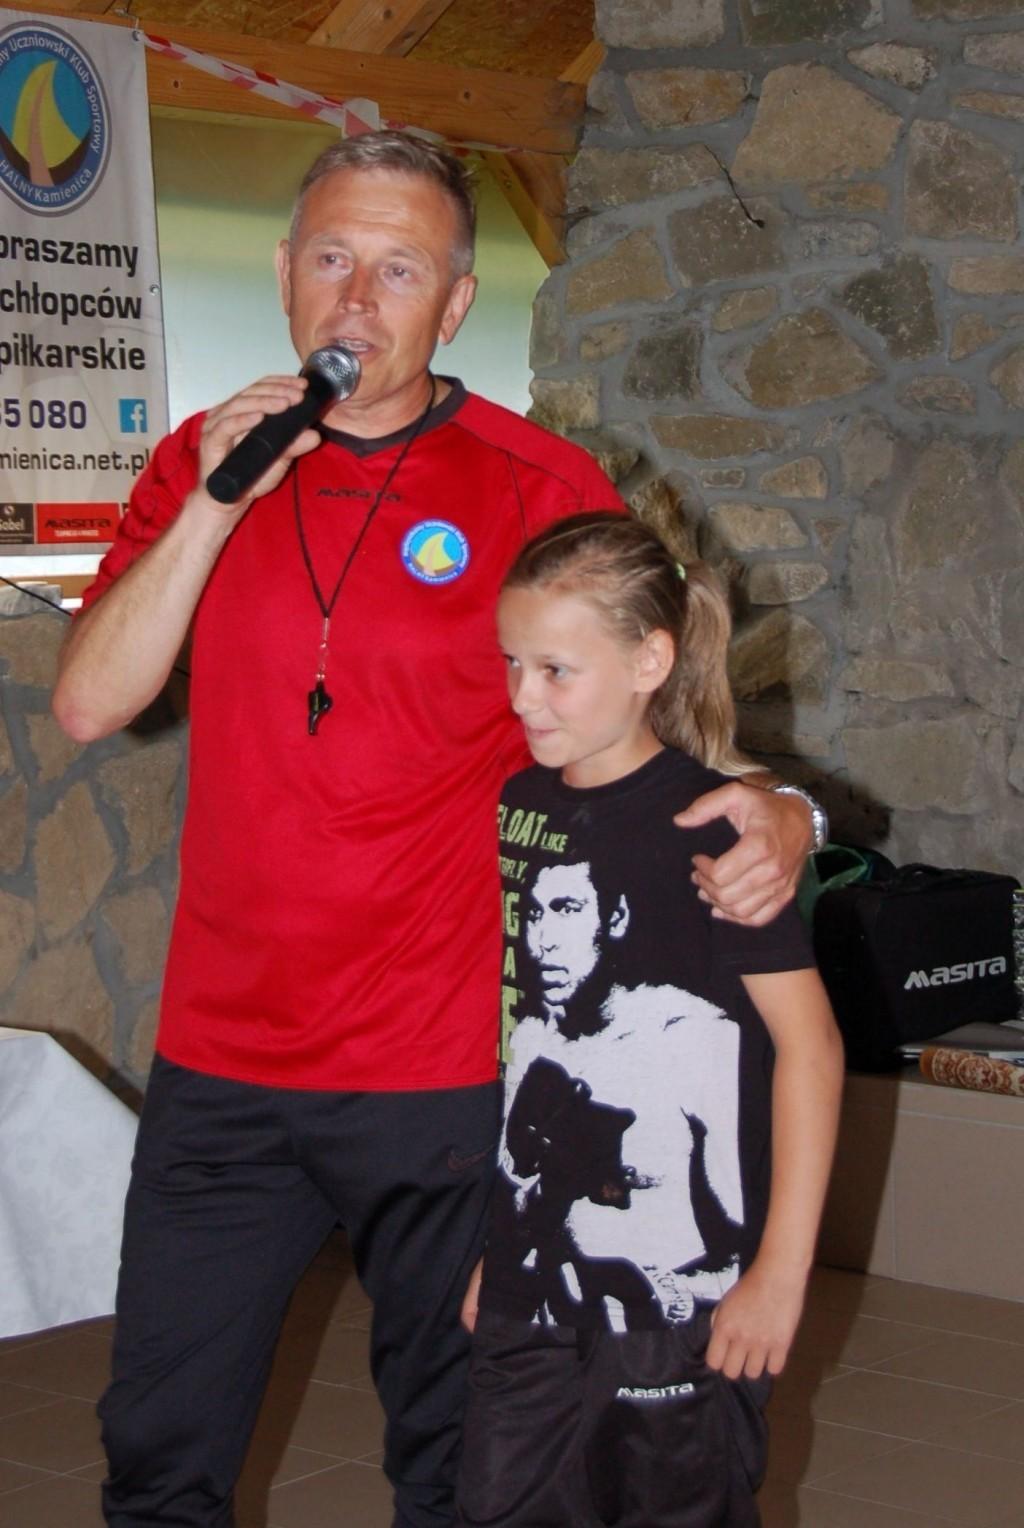 zdjęcie Weroniki Kaim z trenerem